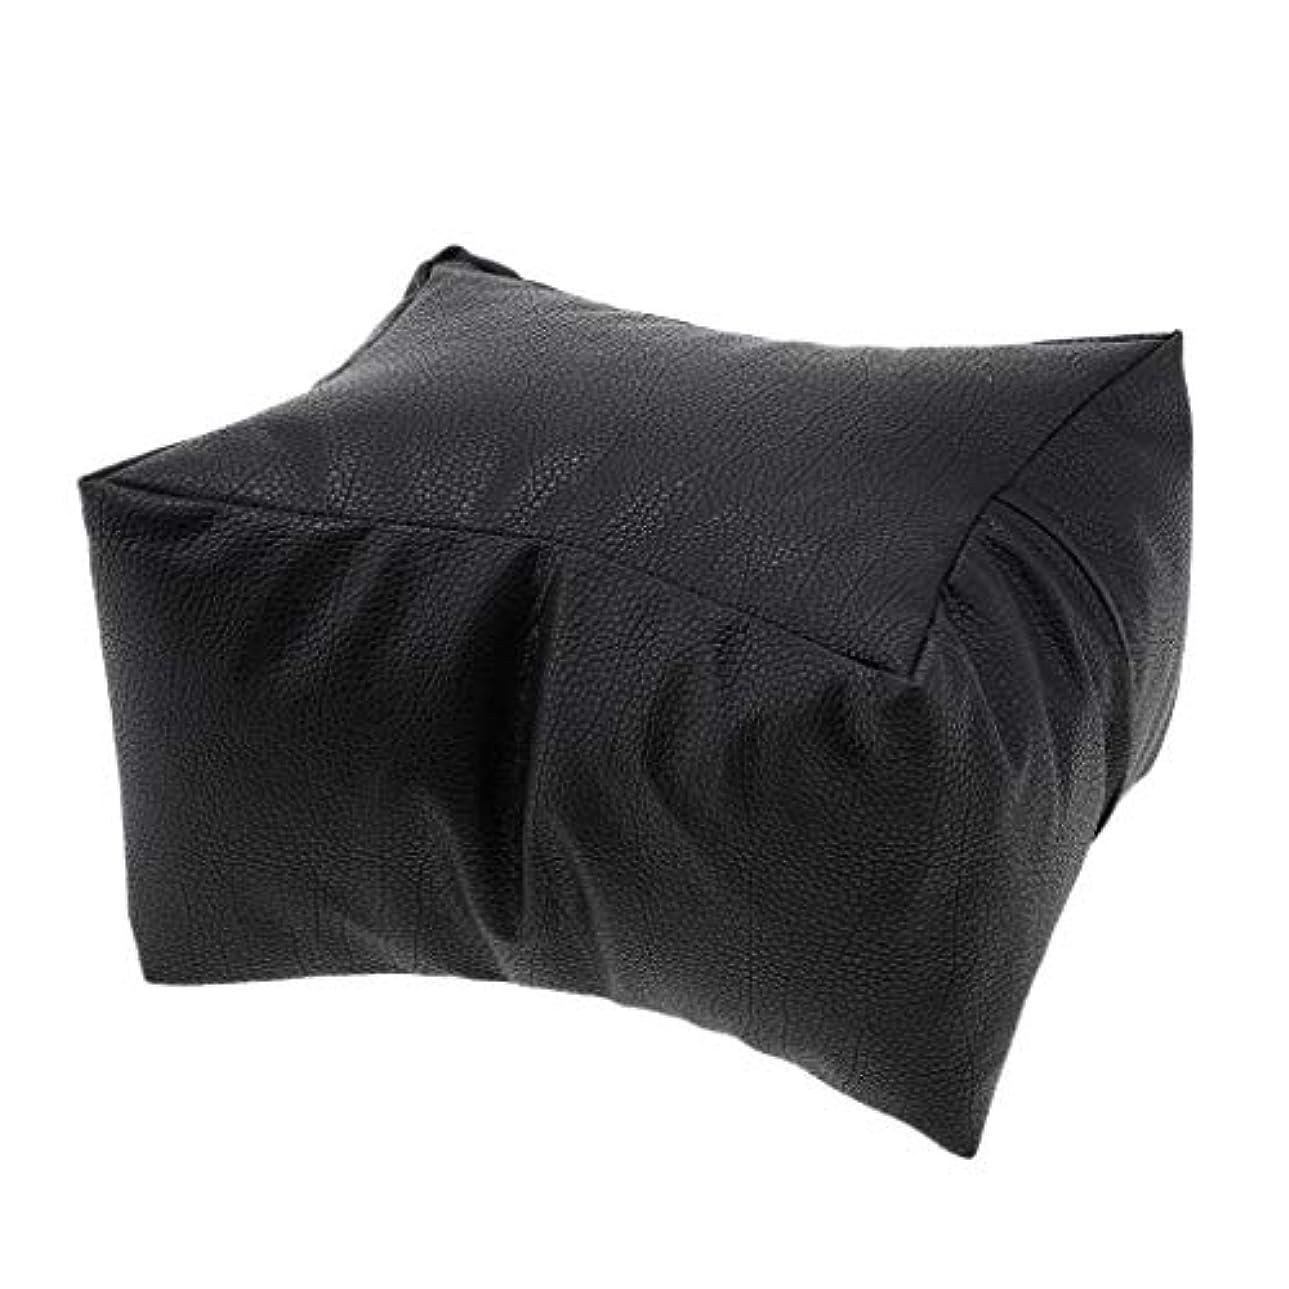 後離婚資産Toygogo 洗える手枕PUレザーアームレストクッションマニキュアツールサロン美容アクセサリー - ブラック